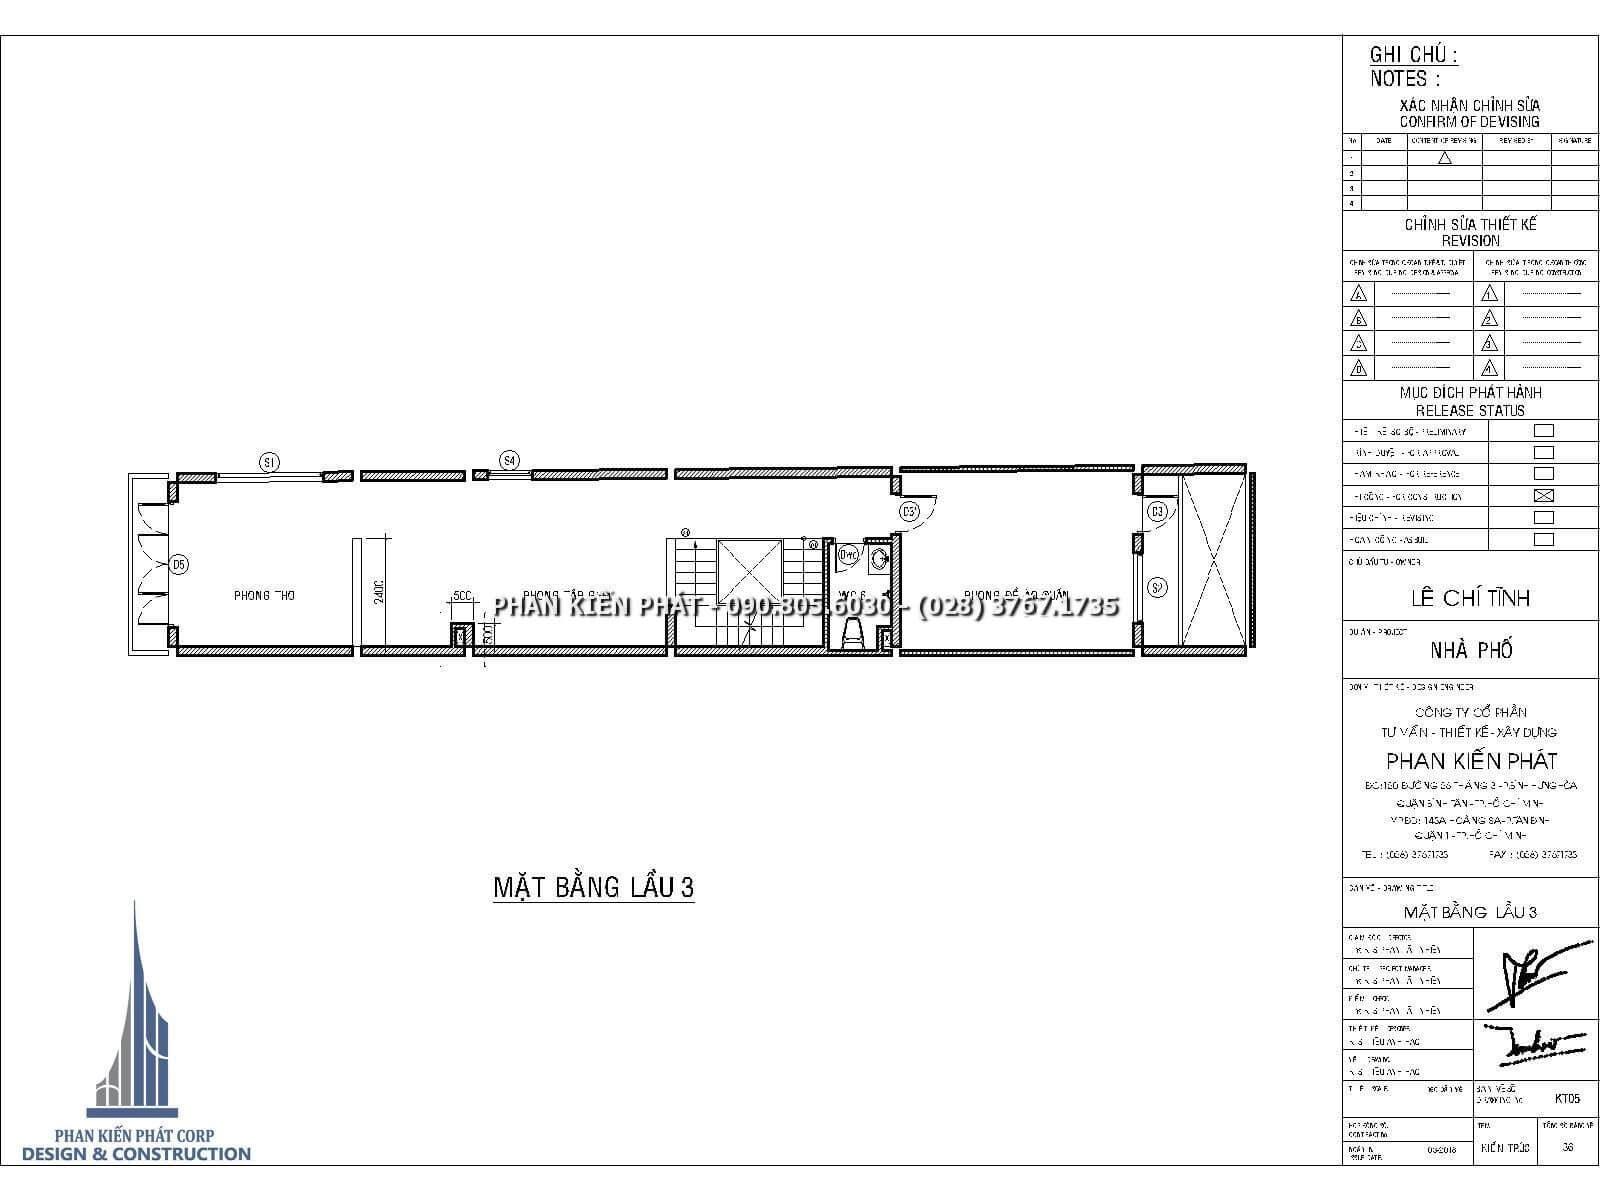 Mặt bằng lầu 3 – Thiết kế nhà phố 4 lầu kết hợp với phòng khám